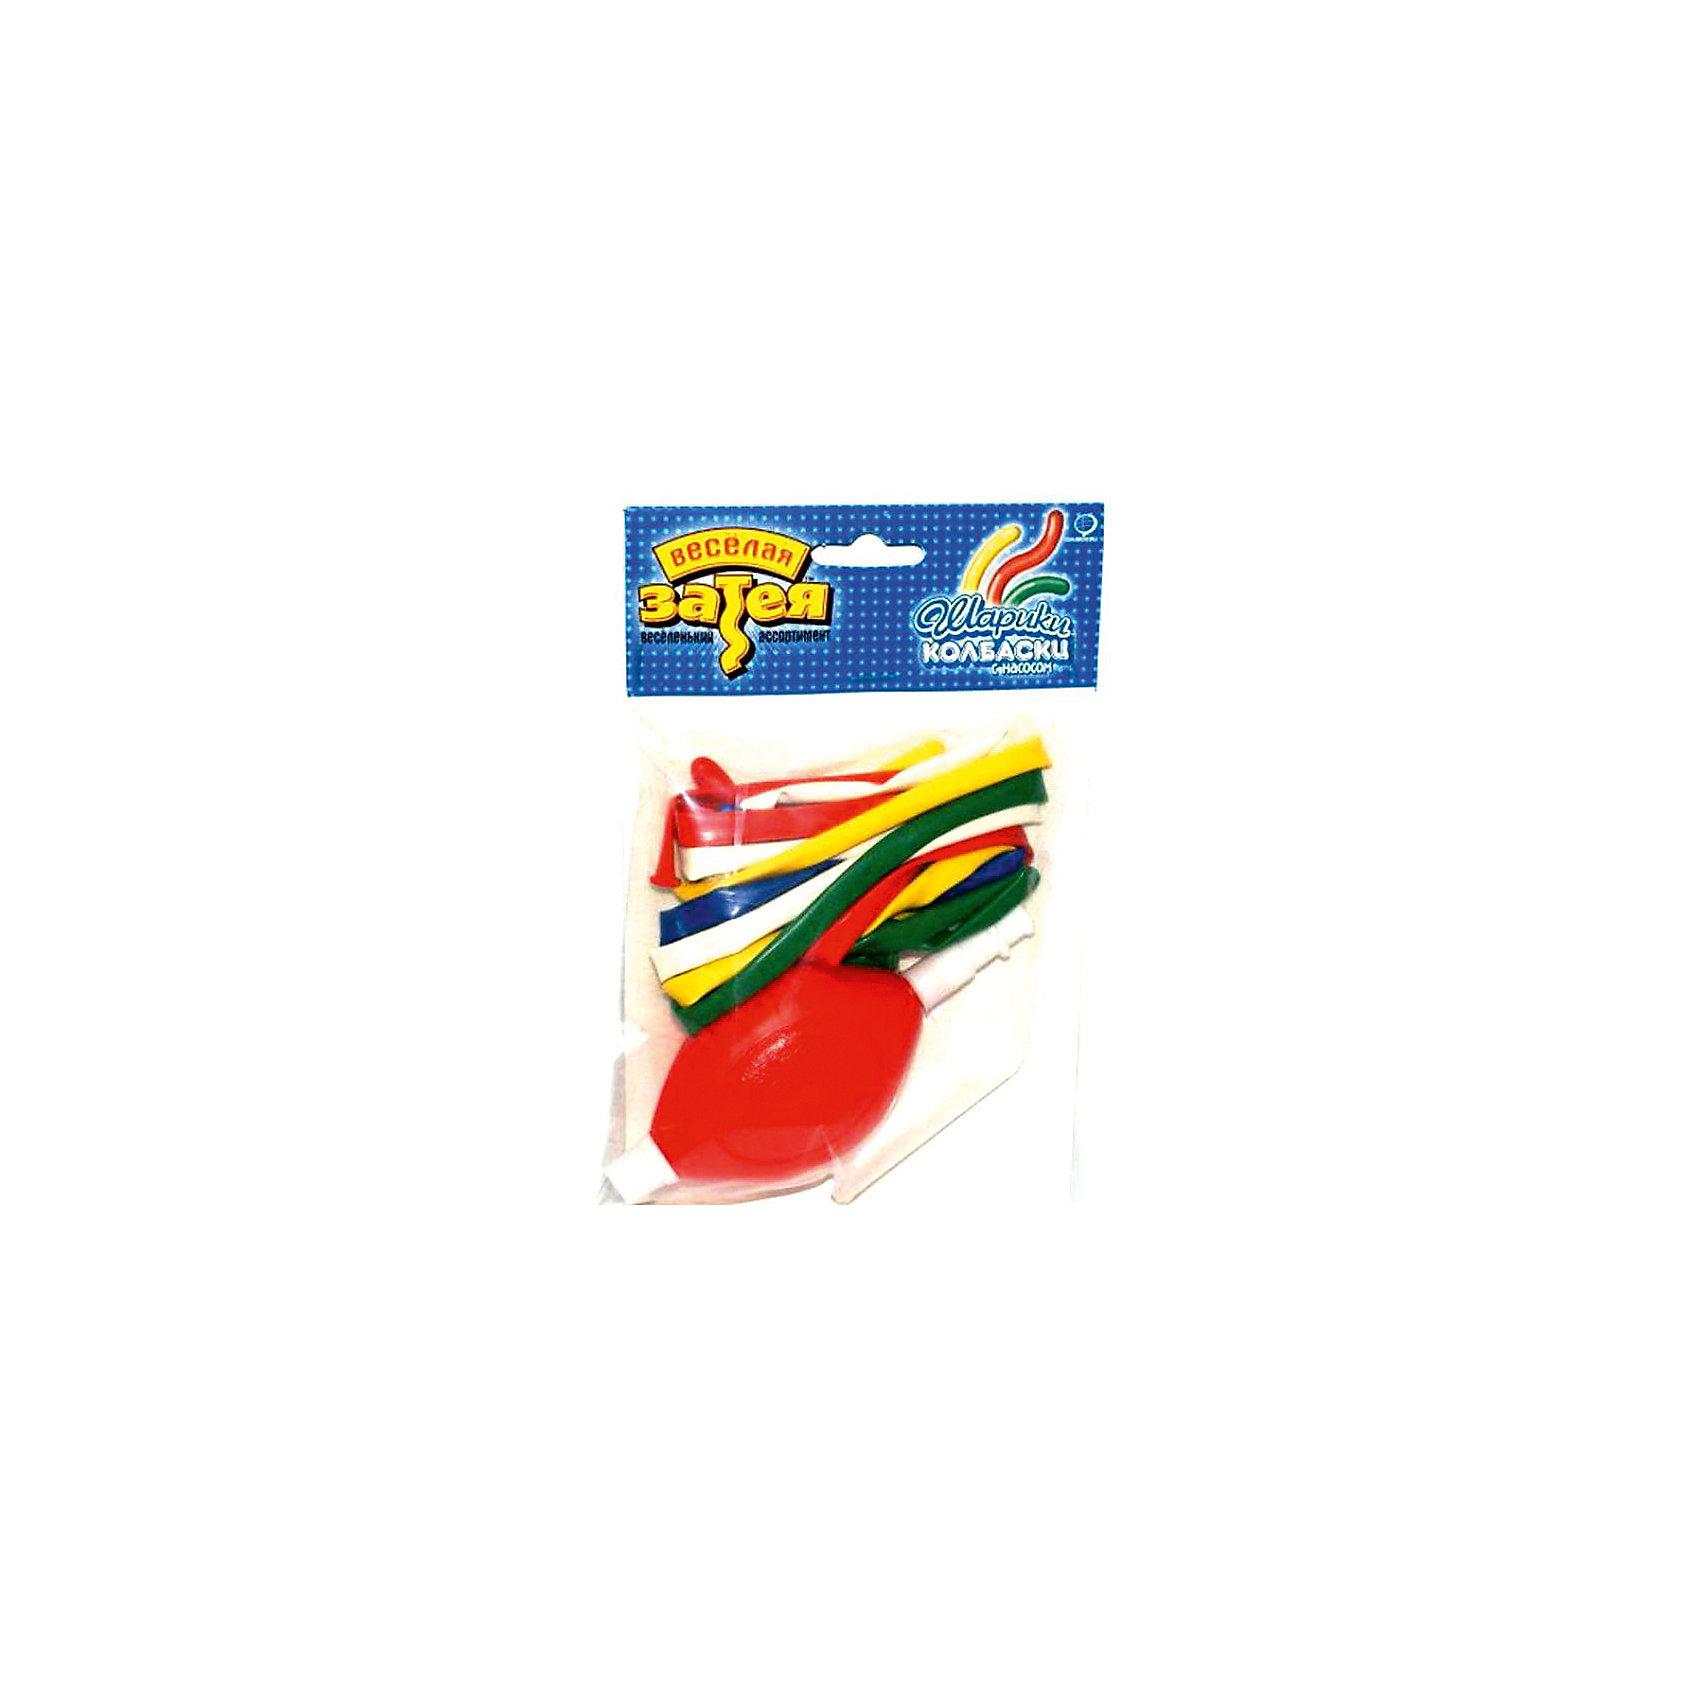 Набор шаров для моделирования с насосом, 10шт (в ассортименте), Веселая ЗатеяВсё для праздника<br>Набор шаров для моделироания с насосом, 10шт., в асс-те, Веселая Затея<br><br>Характеристики:<br><br>• Форма: «колбаски»<br>• В наборе: 10 шариков, насос<br>• В упаковке цвета в ассортименте<br><br>В этот набор входят 10 длинных шариков и насос, с помощью которого их можно надуть. Из надутых шариков можно делать фигурки, как фокусник в цирке и готовыми игрушками порадовать детей или украсить комнату. Шарики в наборе разных цветов, что позволяет проявить фантазию и делать фигурки более разнообразными.<br><br>Набор шаров для моделироания с насосом, 10шт., в асс-те, Веселая Затея можно купить в нашем интернет-магазине.<br><br>Ширина мм: 320<br>Глубина мм: 380<br>Высота мм: 90<br>Вес г: 50<br>Возраст от месяцев: 36<br>Возраст до месяцев: 2147483647<br>Пол: Унисекс<br>Возраст: Детский<br>SKU: 5445448